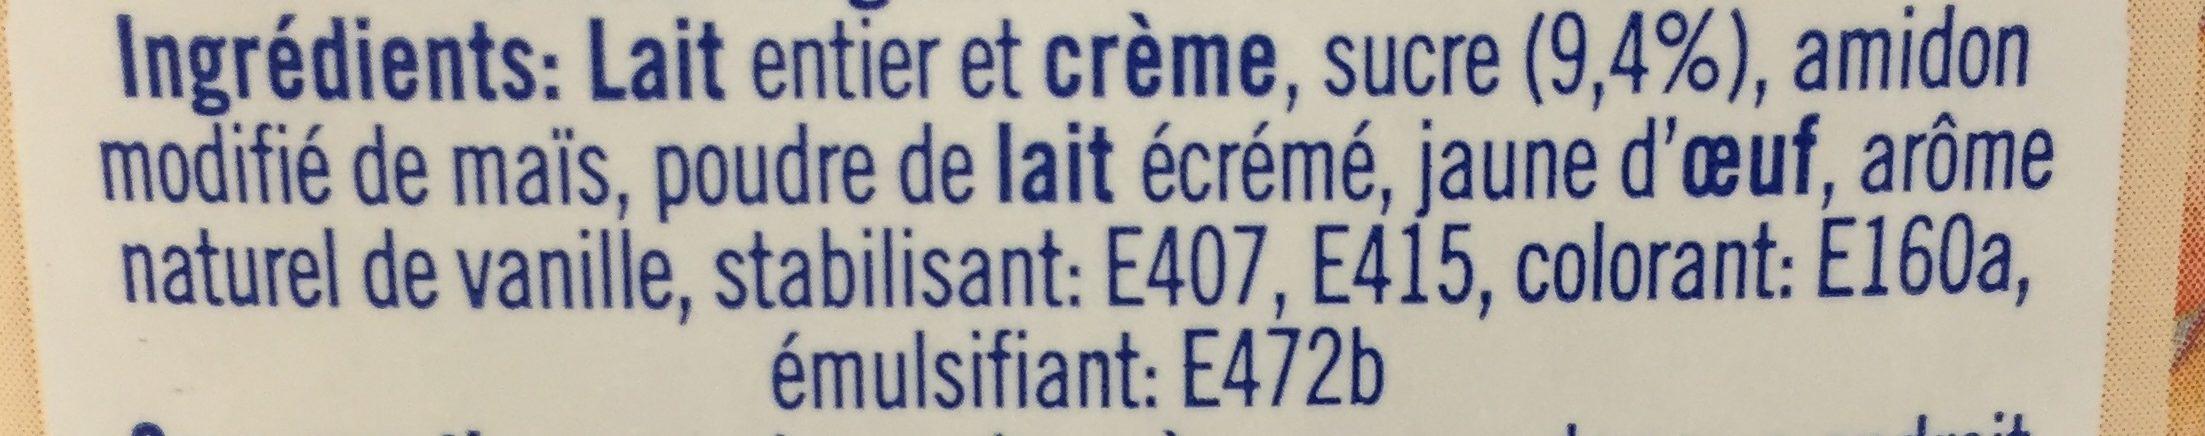 Crème Anglaise - Ingrédients